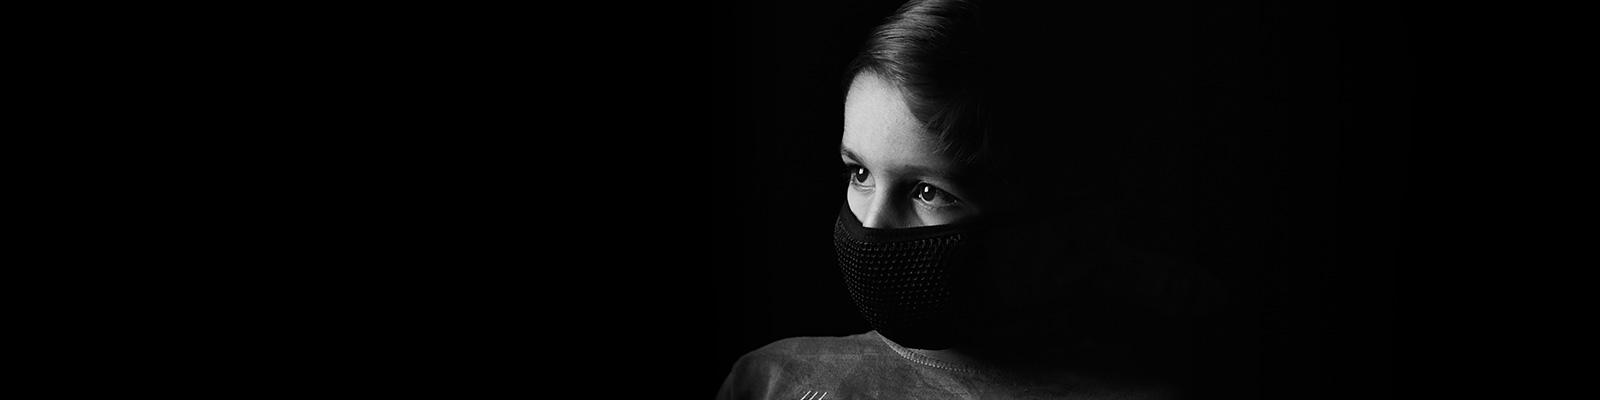 顔認証 プライバシー セキュリティ イメージ